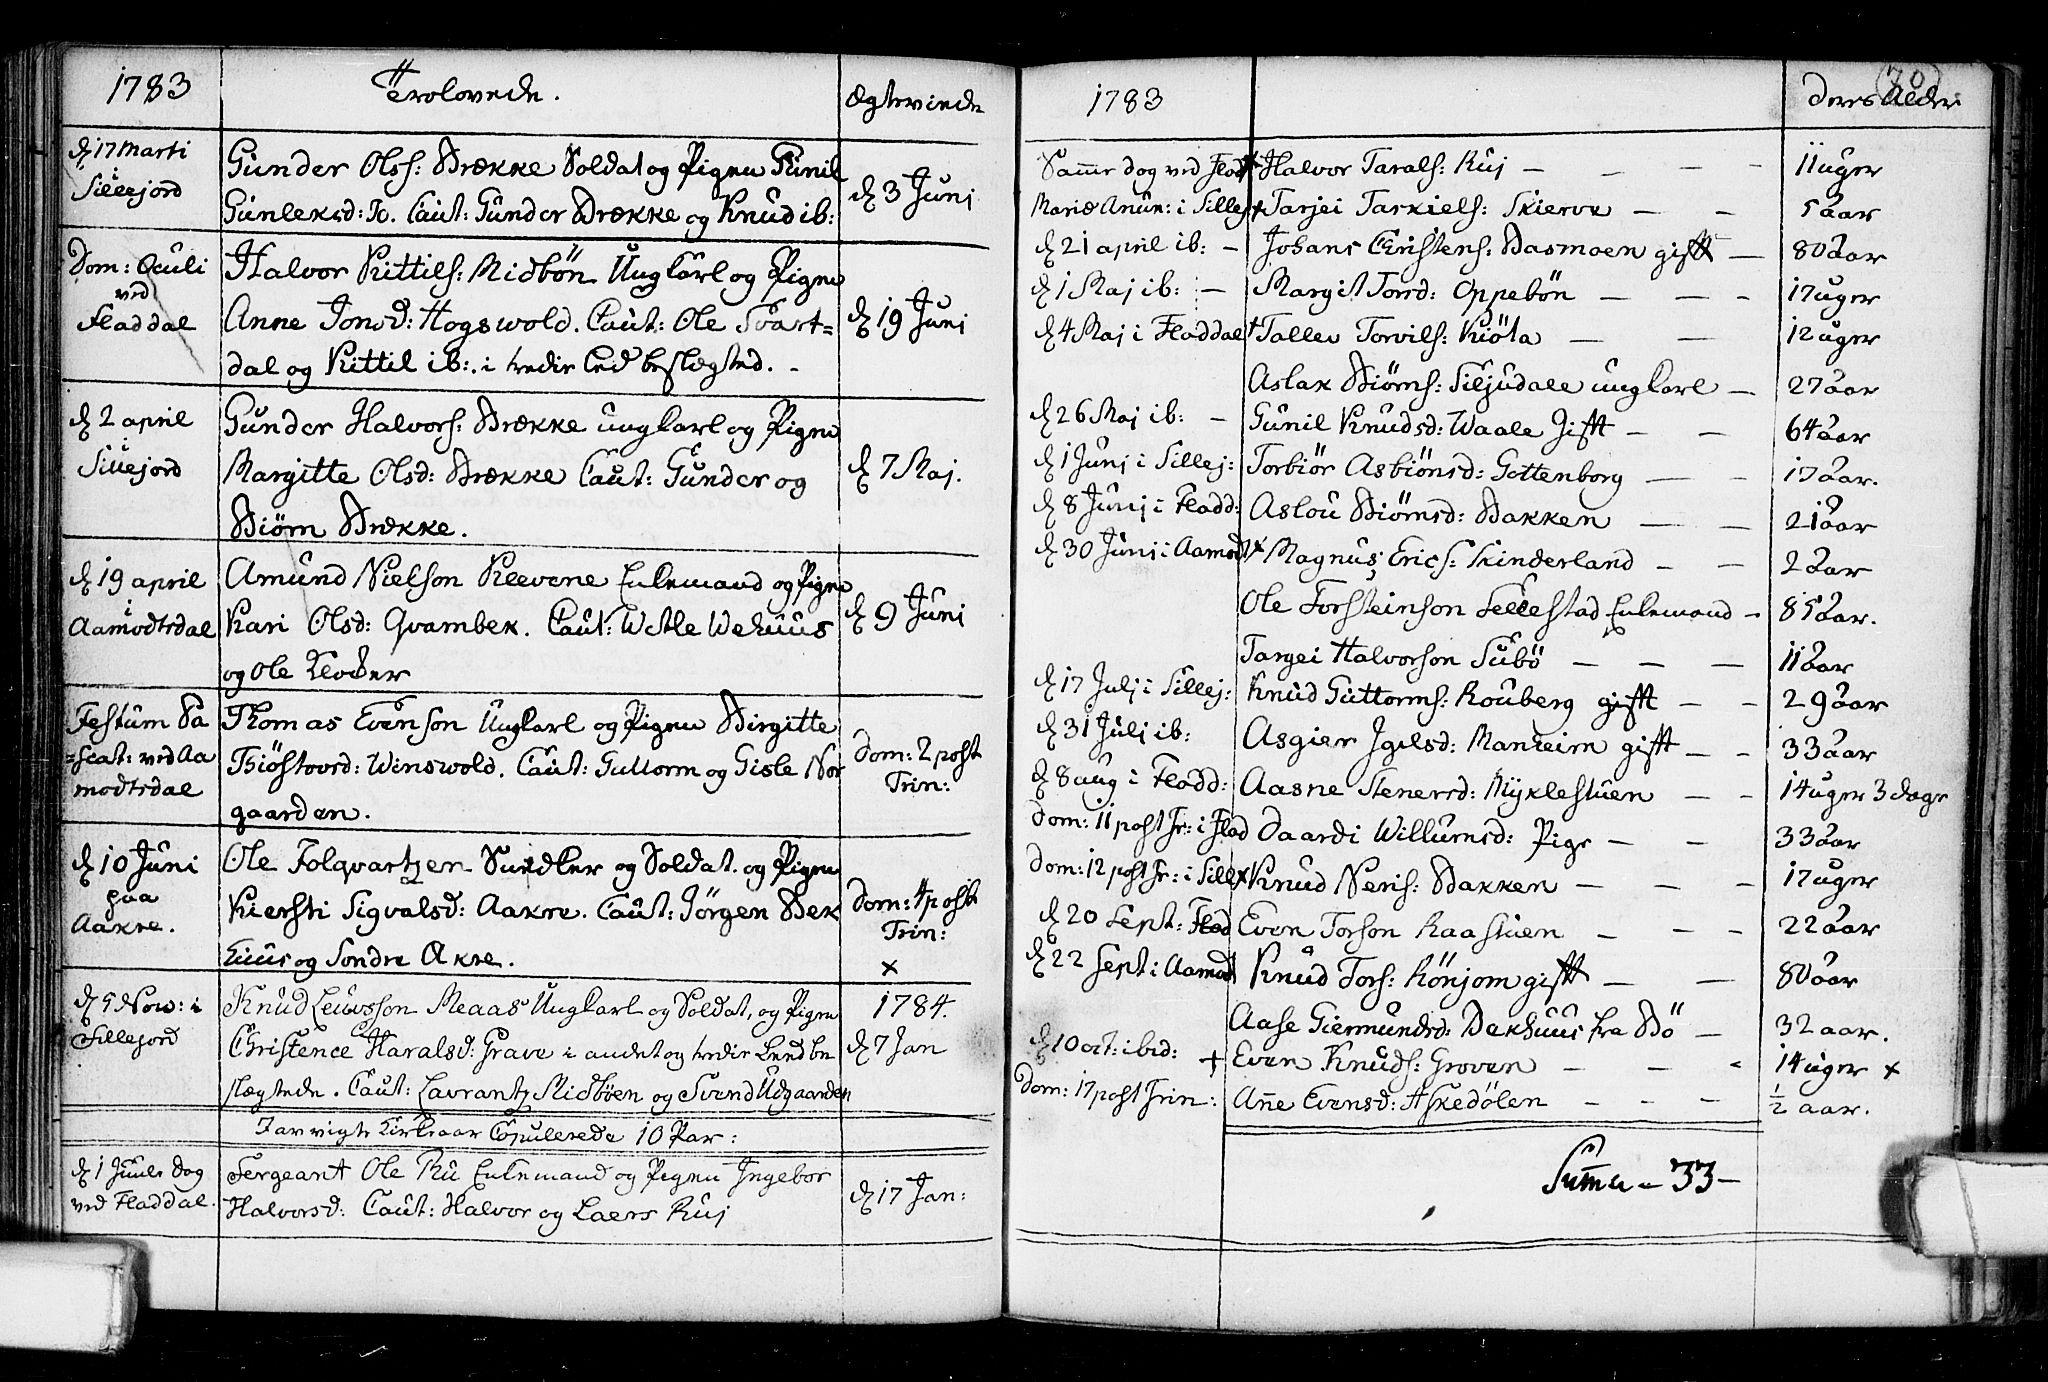 SAKO, Seljord kirkebøker, F/Fa/L0008: Ministerialbok nr. I 8, 1755-1814, s. 70